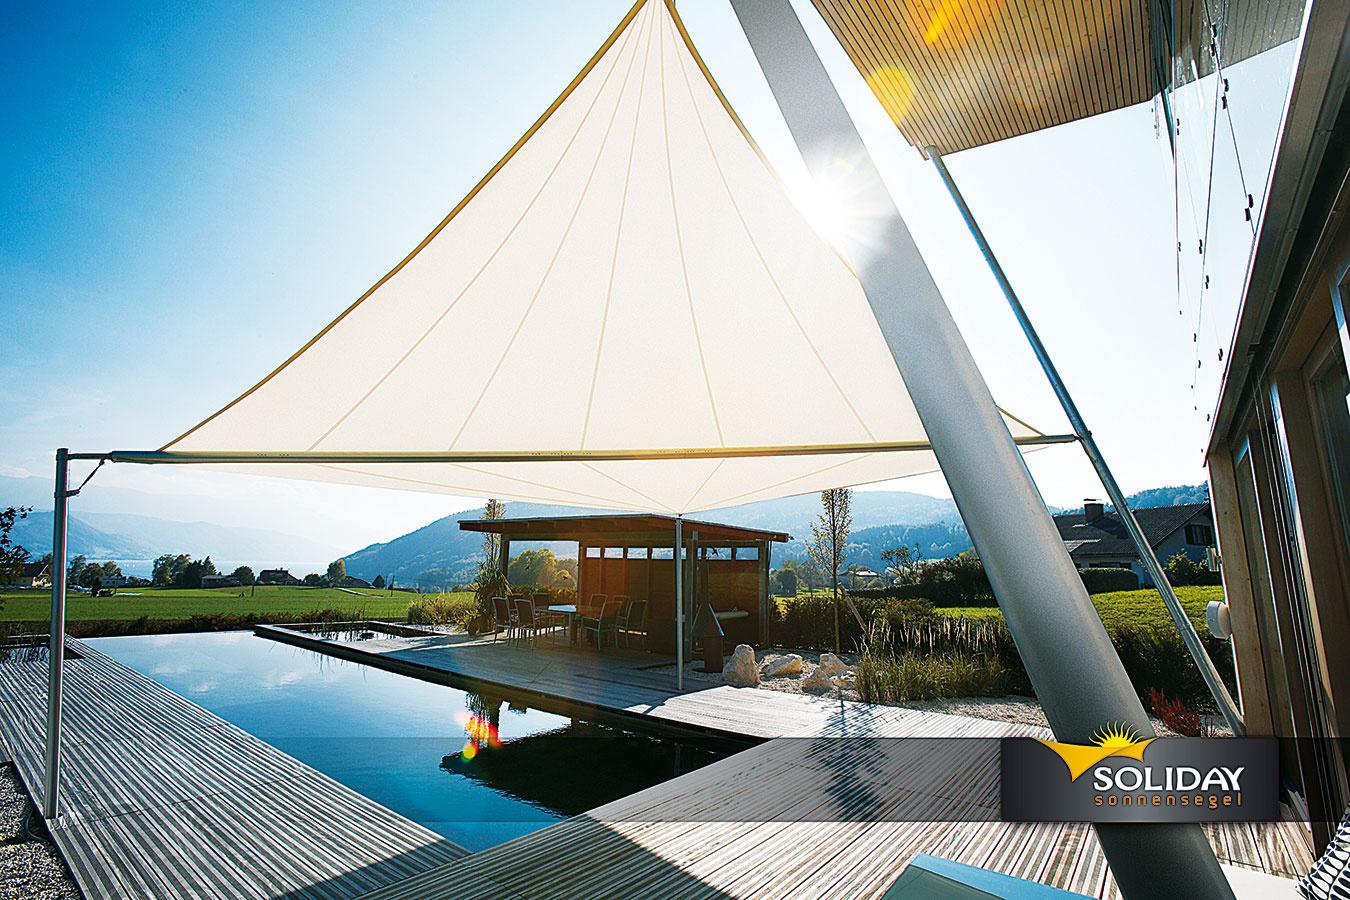 Slnečné plachty Soliday Sunsails sa navrhujú individuálne, na mieru (vzávislosti od konkrétneho domu), pričom jedinou štvoruholníkovou plachtou možno zatieniť až 80 m2. Navíjajú sa na hriadeľ, na výber je ručné alebo motorické ovládanie so slnečnou aveternou automatikou. (viac na www.sunsails.sk)